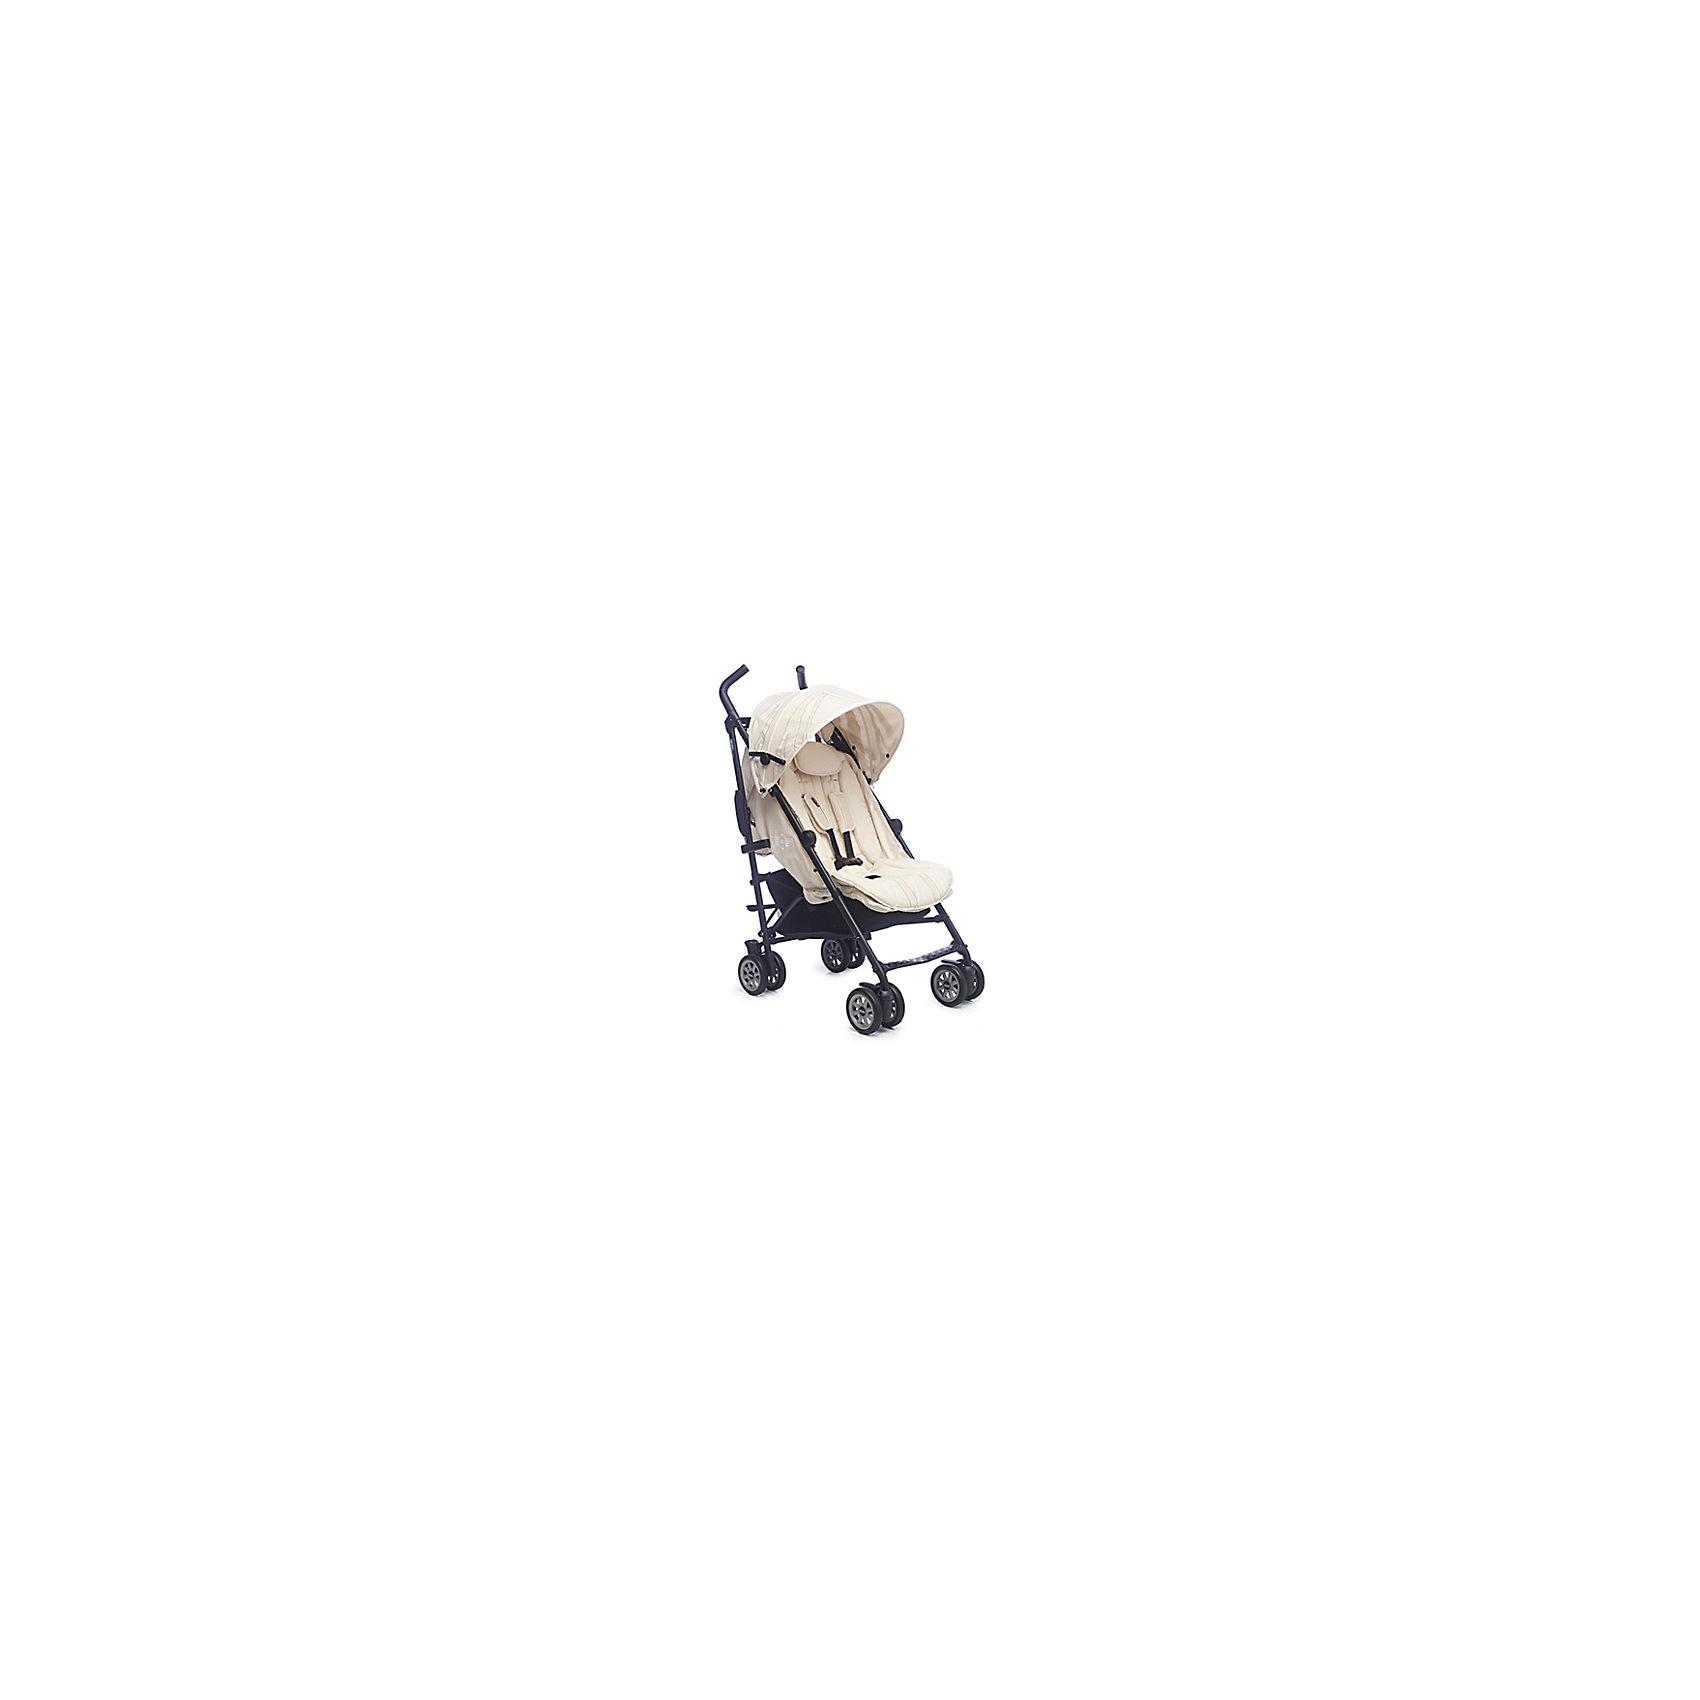 Коляска-трость Easywalker MINI Milky JackКоляски-трости<br>Характеристики:<br><br>• спинка коляски регулируется в 4-х положениях;<br>• угол наклона спинки 170 градусов;<br>• подножка регулируется и удлиняет спальное место;<br>• 5-ти точечные ремни безопасности, регулируются по длине и высоте;<br>• можно установить защитный бампер с мягкой накладкой – бампер приобретается отдельно;<br>• капюшон глубокий, оснащен дополнительной секцией;<br>• кожаная отделка ручек коляски;<br>• корзина для покупок выдерживает нагрузку до 5 кг;<br>• сдвоенные колеса коляски;<br>• амортизация передних и задних колес;<br>• ножной тормоз;<br>• механизм складывания: трость;<br>• плечевой ремешок для переноски коляски в сложенном виде на плече.<br><br>Размеры:<br><br>• размер коляски: 76х48х103 см;<br>• размер коляски в сложенном виде: 100х48х24 см;<br>• ширина сиденья: 35 см;<br>• глубина сиденья: 20 см;<br>• высота спинки: 50 см;<br>• длина подножки: 15 см;<br>• диаметр колес: 12,7 см;<br>• вес коляски: 6,5 кг.<br><br>Легкая коляска-трость с регулируемой спинкой и подножкой сочетает в себе качества хорошей прогулки и коляски для путешествий. Глубокий капюшон с раскрывающейся секцией опускается достаточно низко, защищает ребенка даже с учетом разложенной спинки. Плечевой ремешок позволяет нести коляску на плече, освобождая при этом руки мамы для того, чтобы взять малыша и сумки. В комплекте прозрачный дождевик. <br><br>Коляску-трость MINI Milky Jack, Easywalker можно купить в нашем интернет-магазине.<br><br>Ширина мм: 1020<br>Глубина мм: 230<br>Высота мм: 280<br>Вес г: 9140<br>Возраст от месяцев: 0<br>Возраст до месяцев: 48<br>Пол: Унисекс<br>Возраст: Детский<br>SKU: 5613100